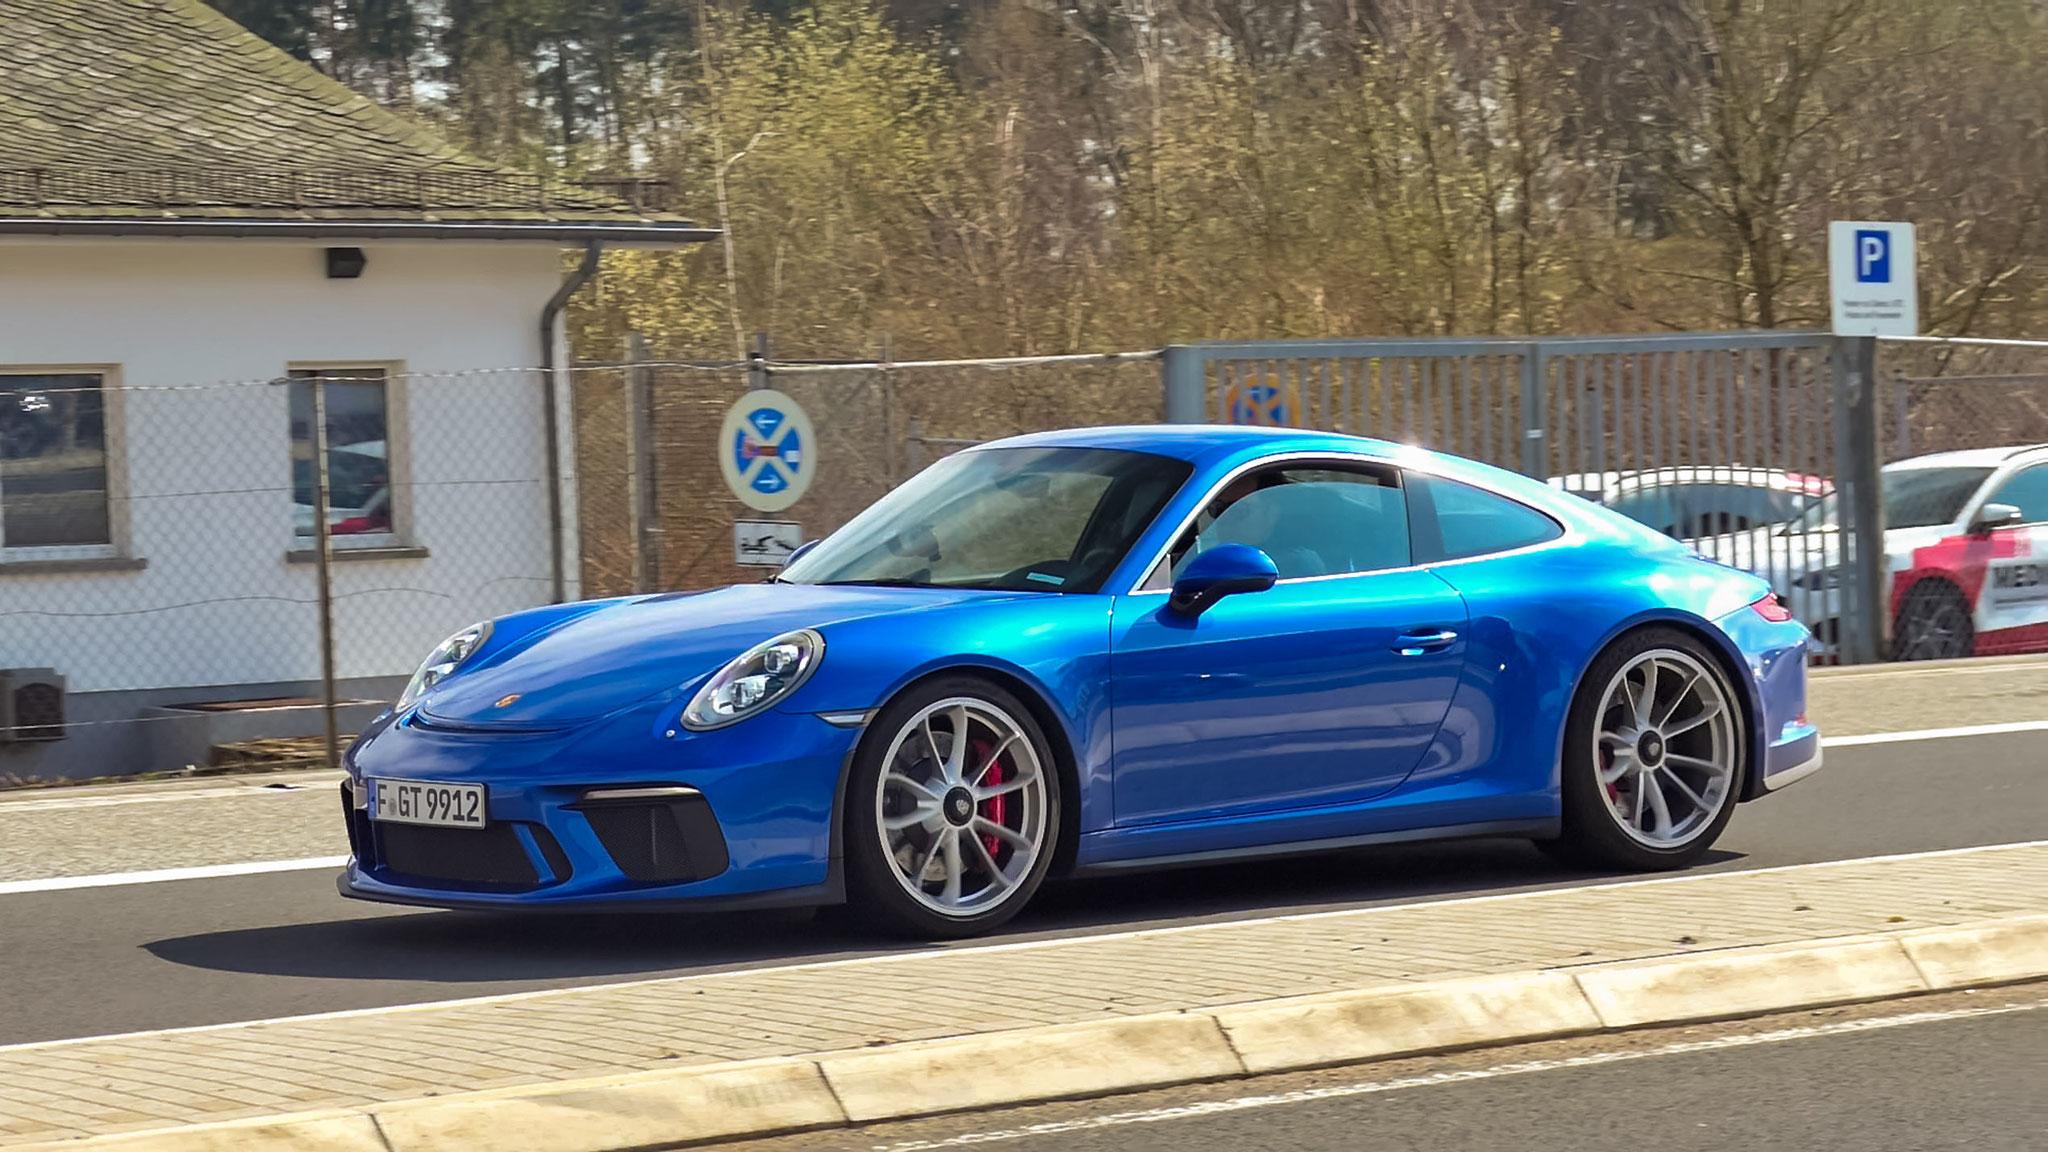 Porsche 991 GT3 Touring Package - F-GT-9912